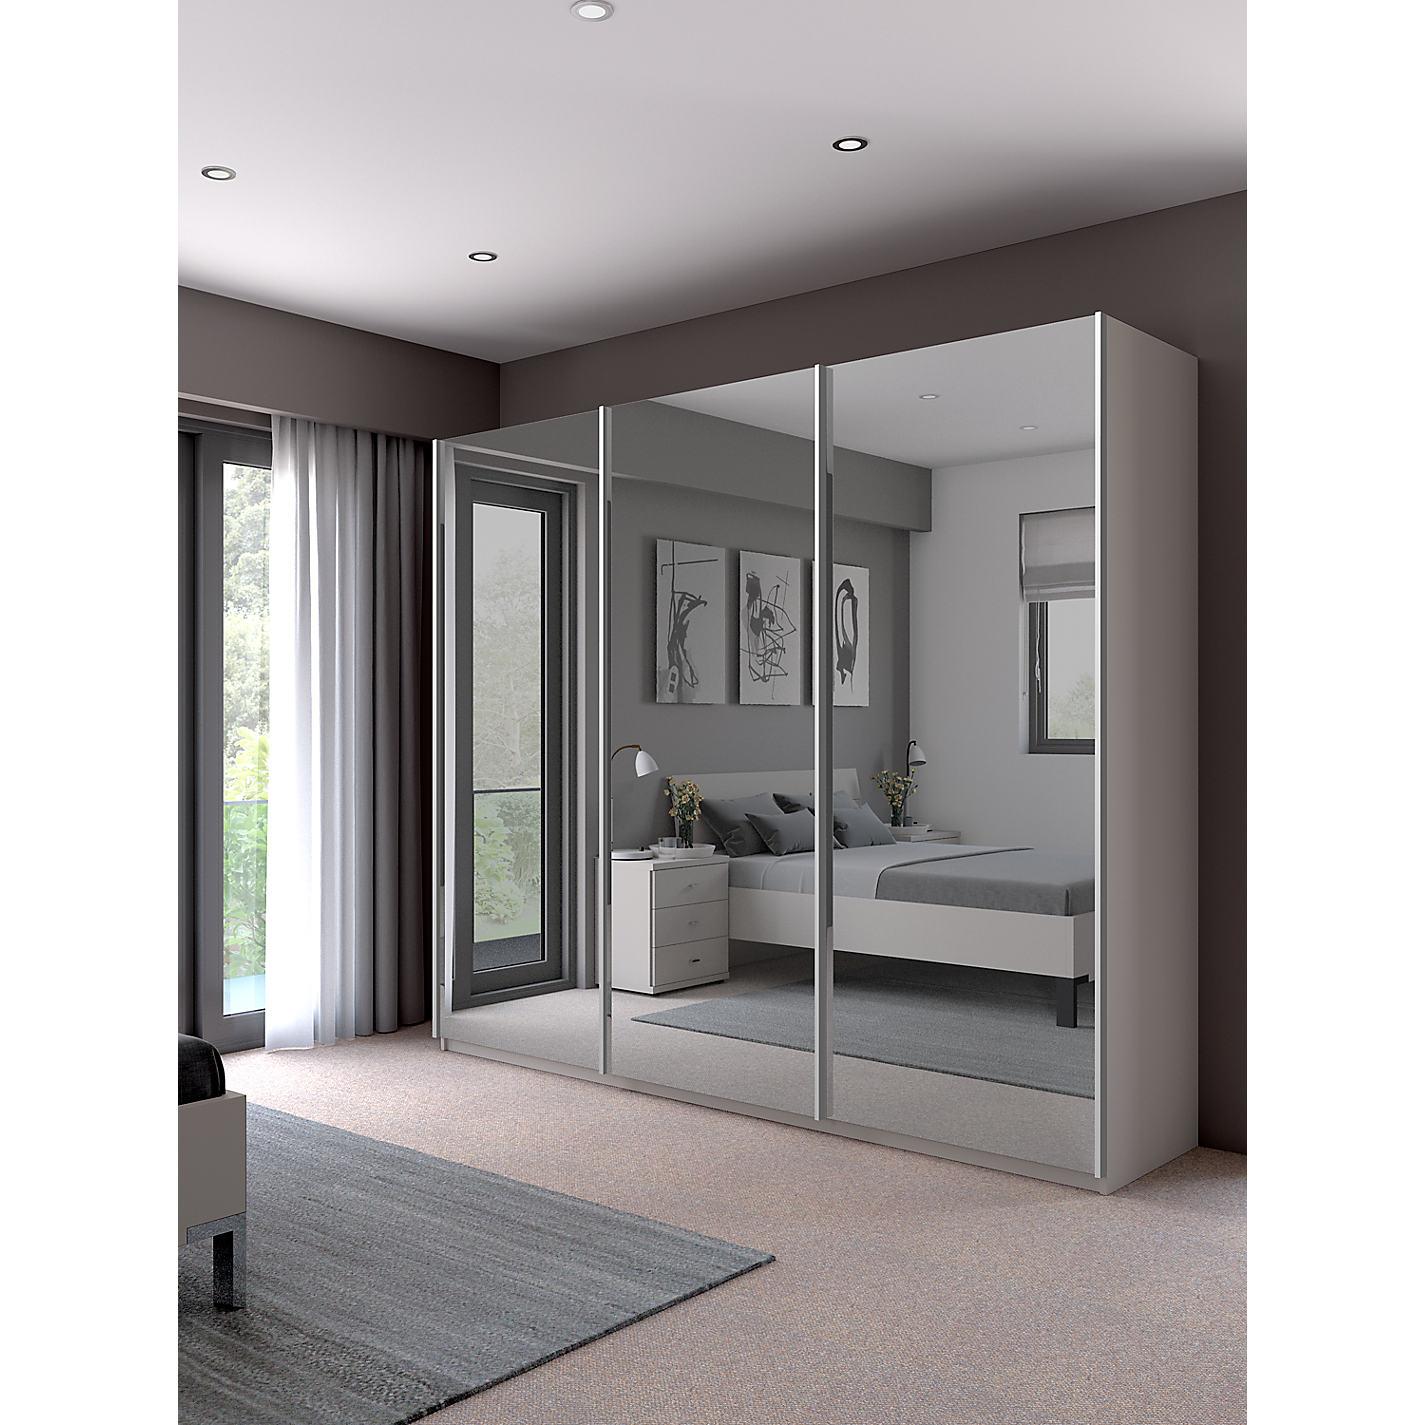 Buy john lewis elstra 250cm wardrobe with mirrored sliding doors buy john lewis elstra 250cm wardrobe with mirrored sliding doors online at johnlewis vtopaller Gallery